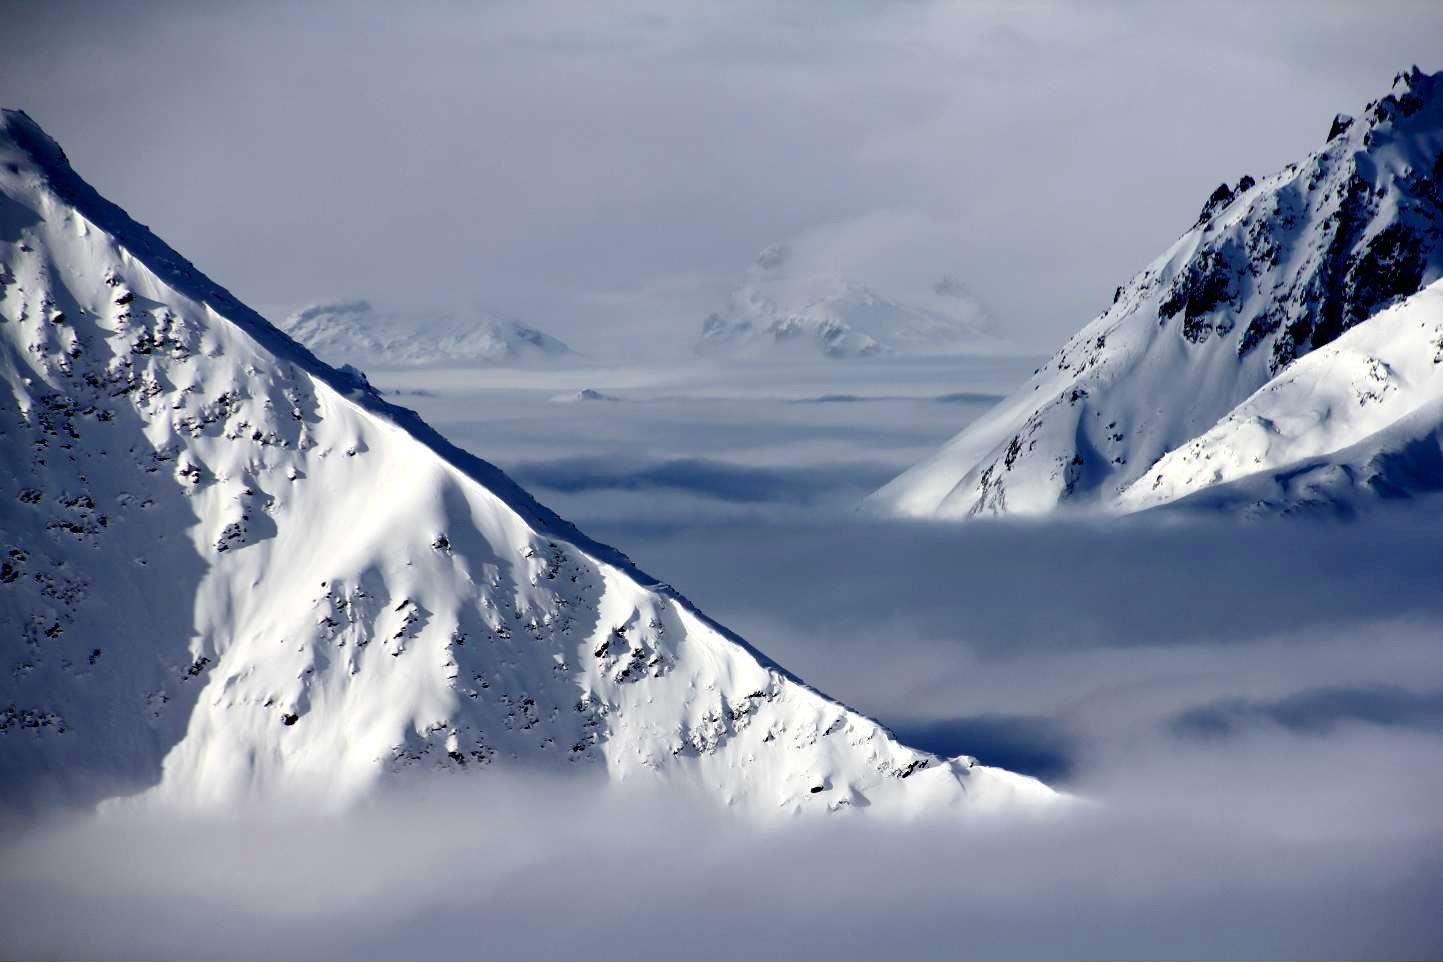 Ice Cream Cone Mountain © JonoVernon-Powell